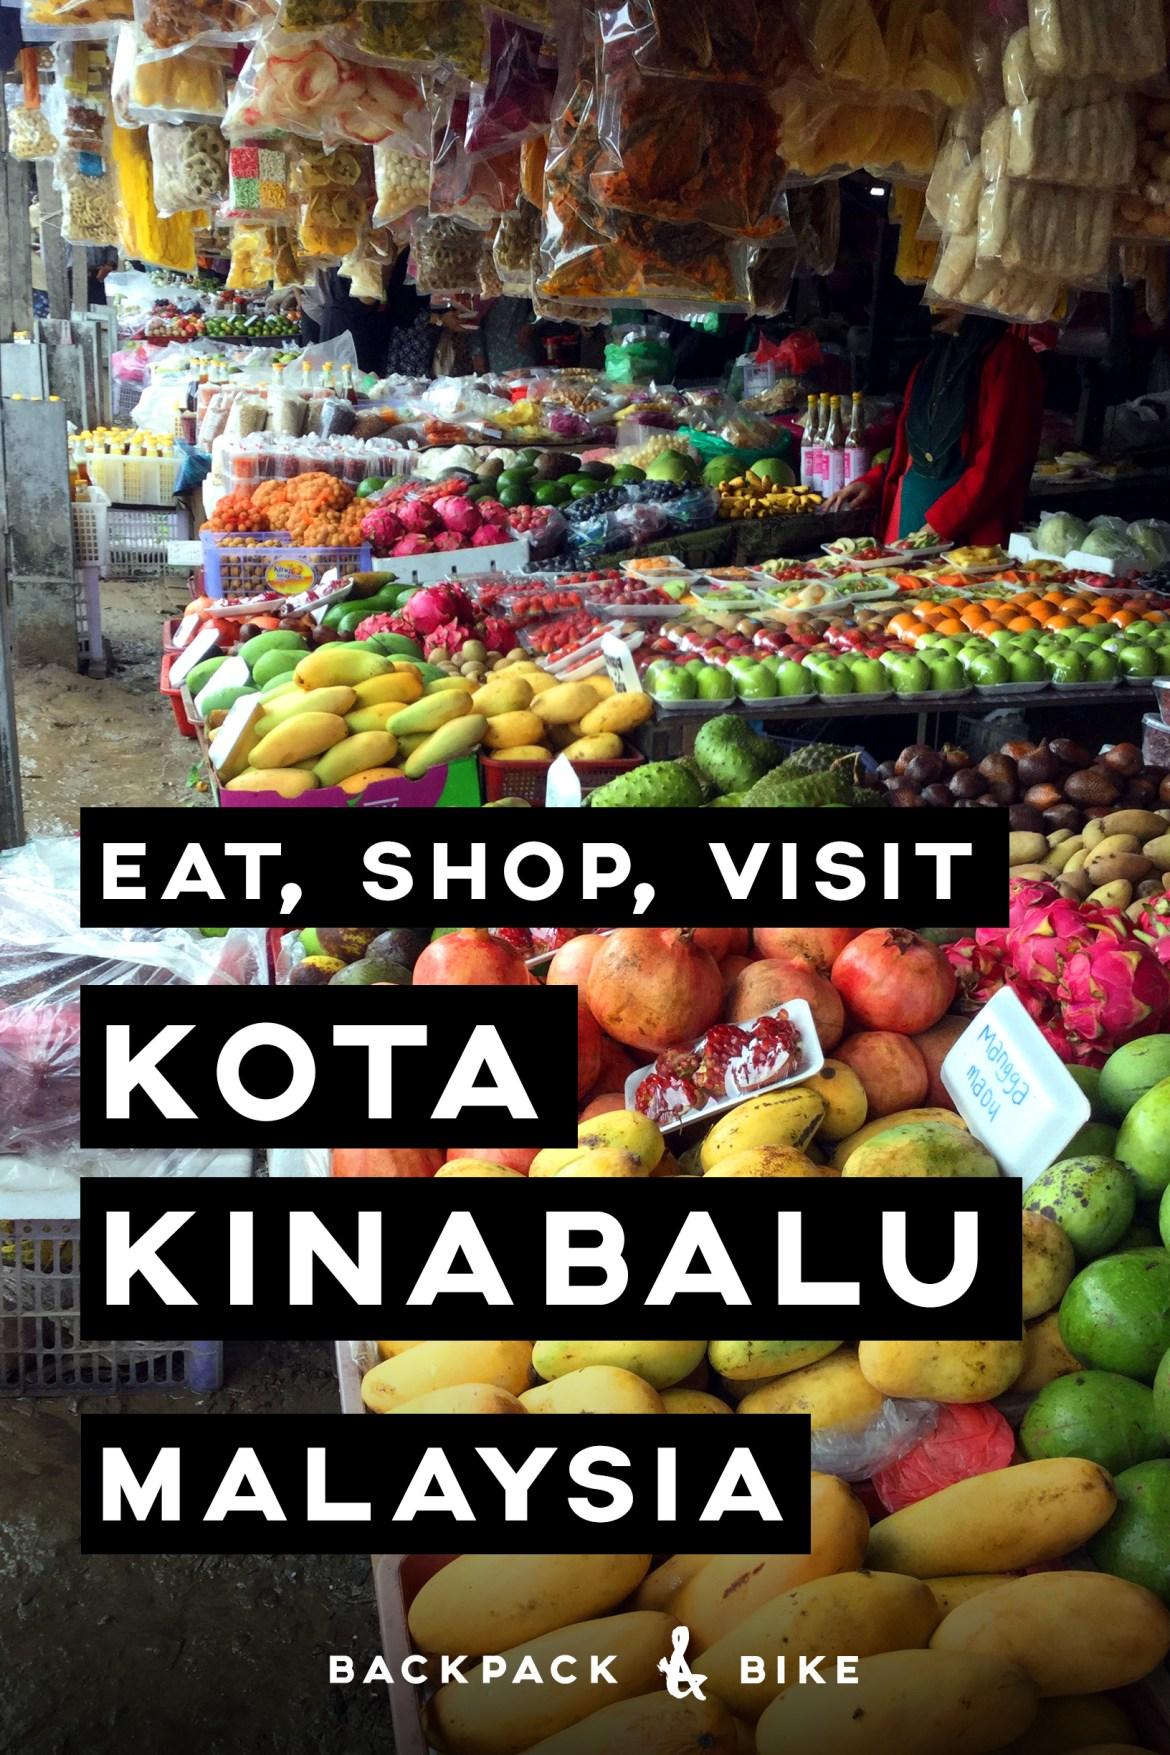 KotaKinabaluMalaysia_Title.jpg